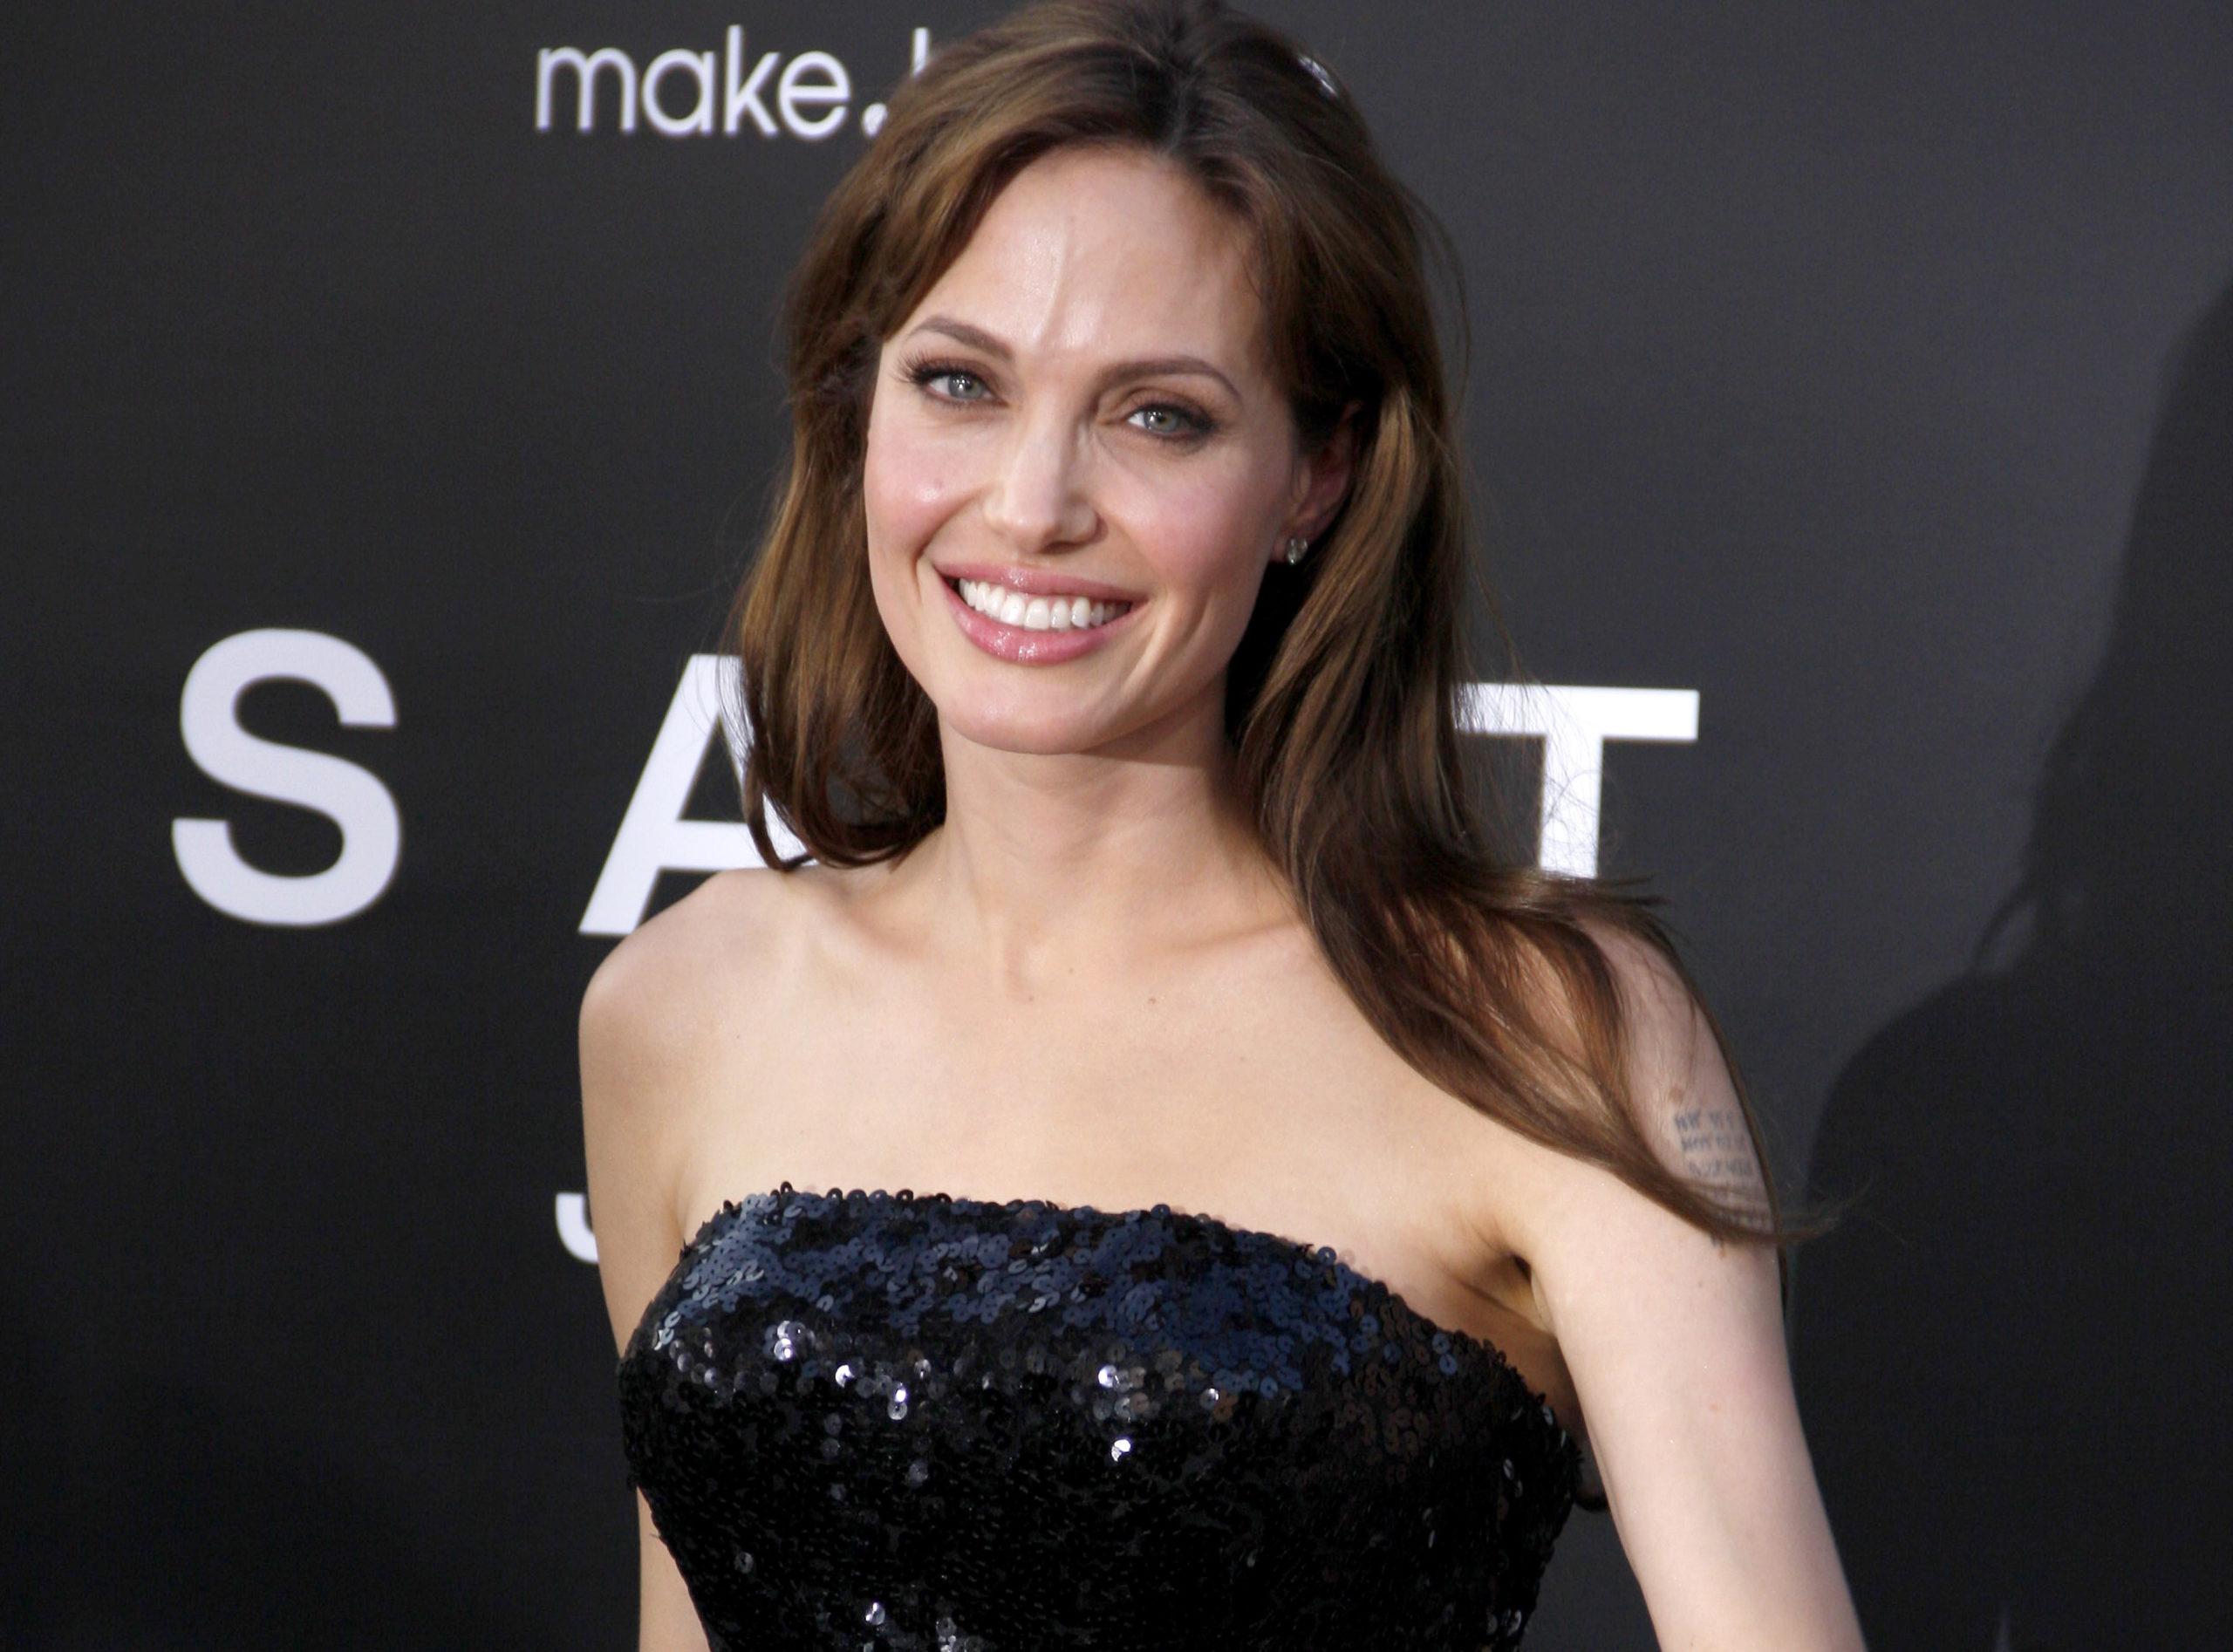 Altruista, feminista y una madre amorosa: lo que más admiramos de Angelina Jolie